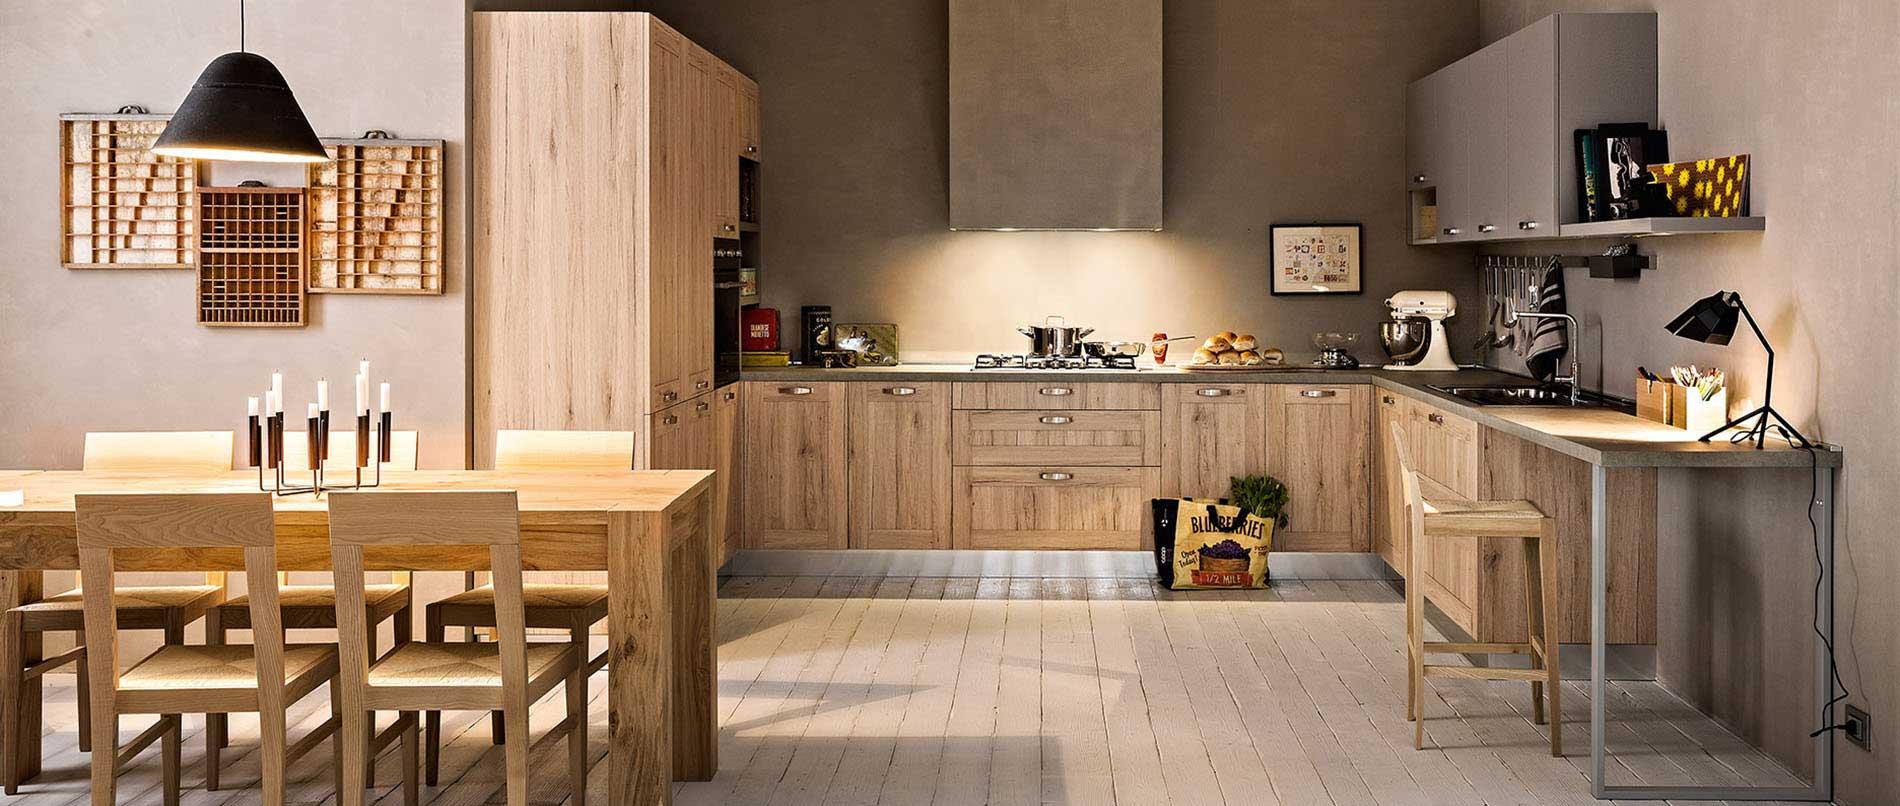 Cuisine moderne et chaleureuse avec un esprit loft et urbain par le choix des matières brutes et de son espace de travail. Façades effet chêne naturel et plan de travail effet béton.